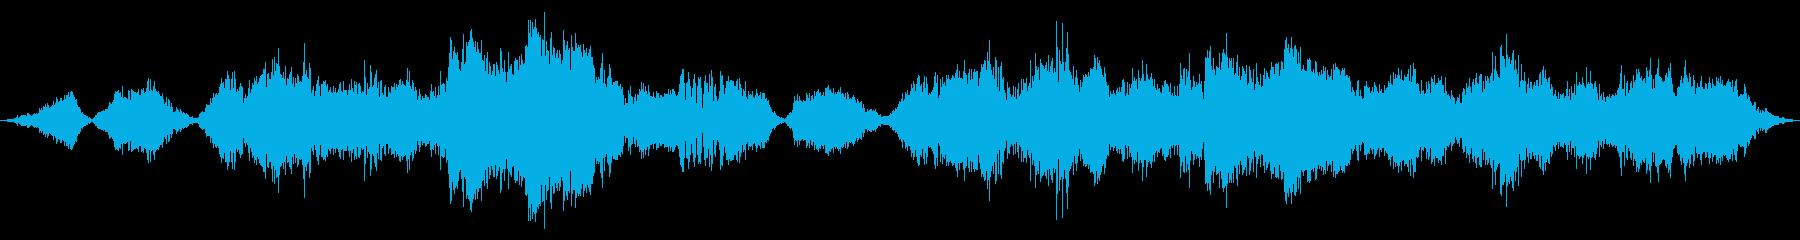 宇宙船の戦い:船の通過、レーザーシ...の再生済みの波形